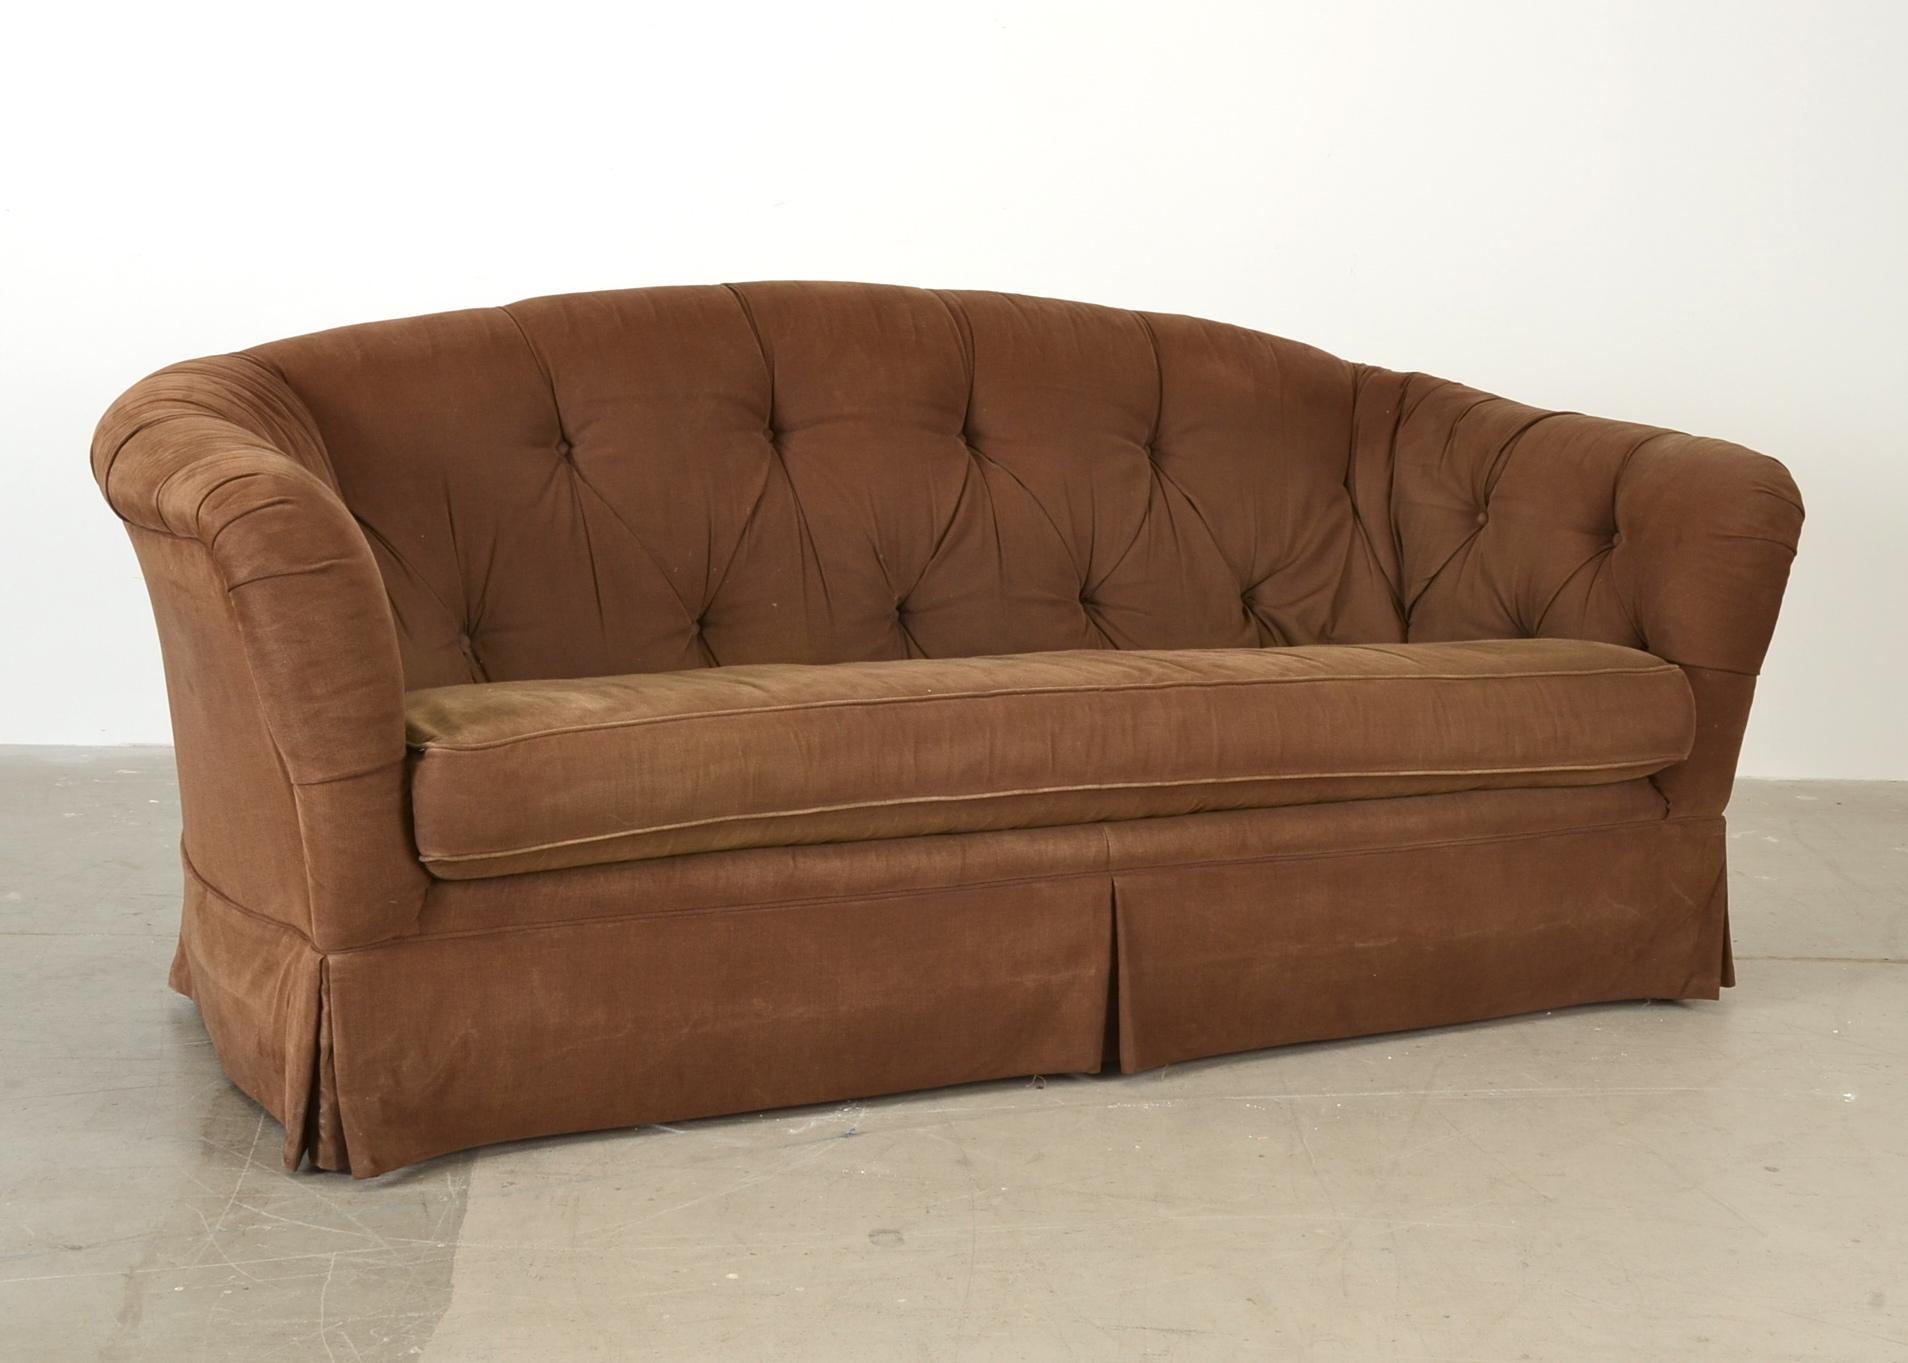 Tufted-Back Sofa : EBTH